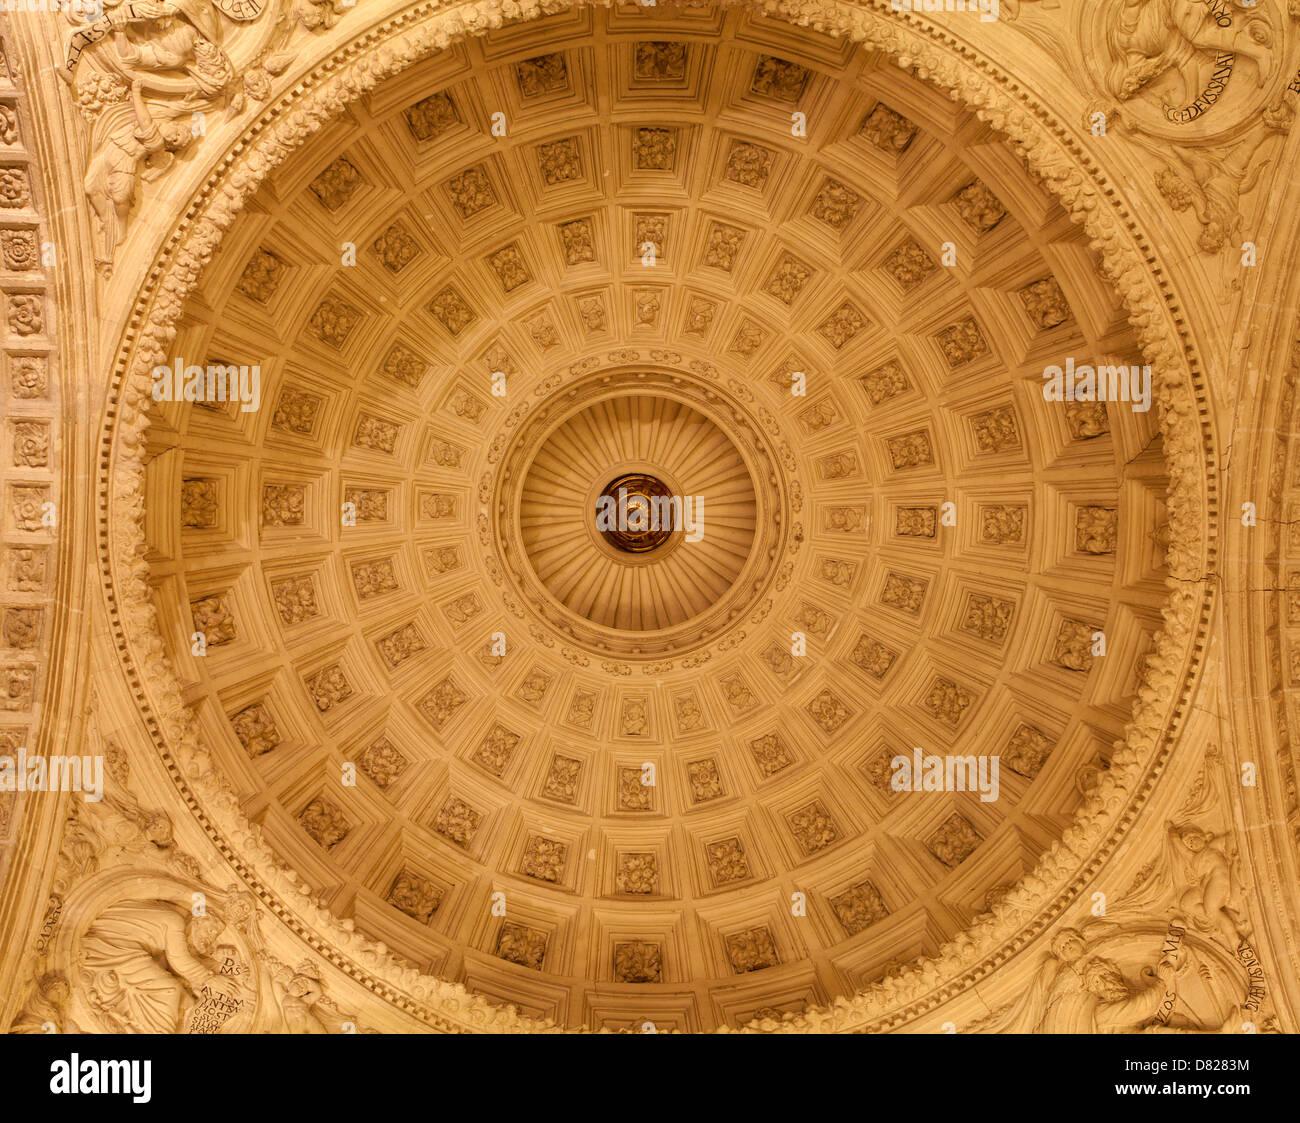 TOLEDO - MARCH 8: Cupola of stairs in Monasterio San Juan de los Reyes or Monastery of Saint John of the Kings - Stock Image